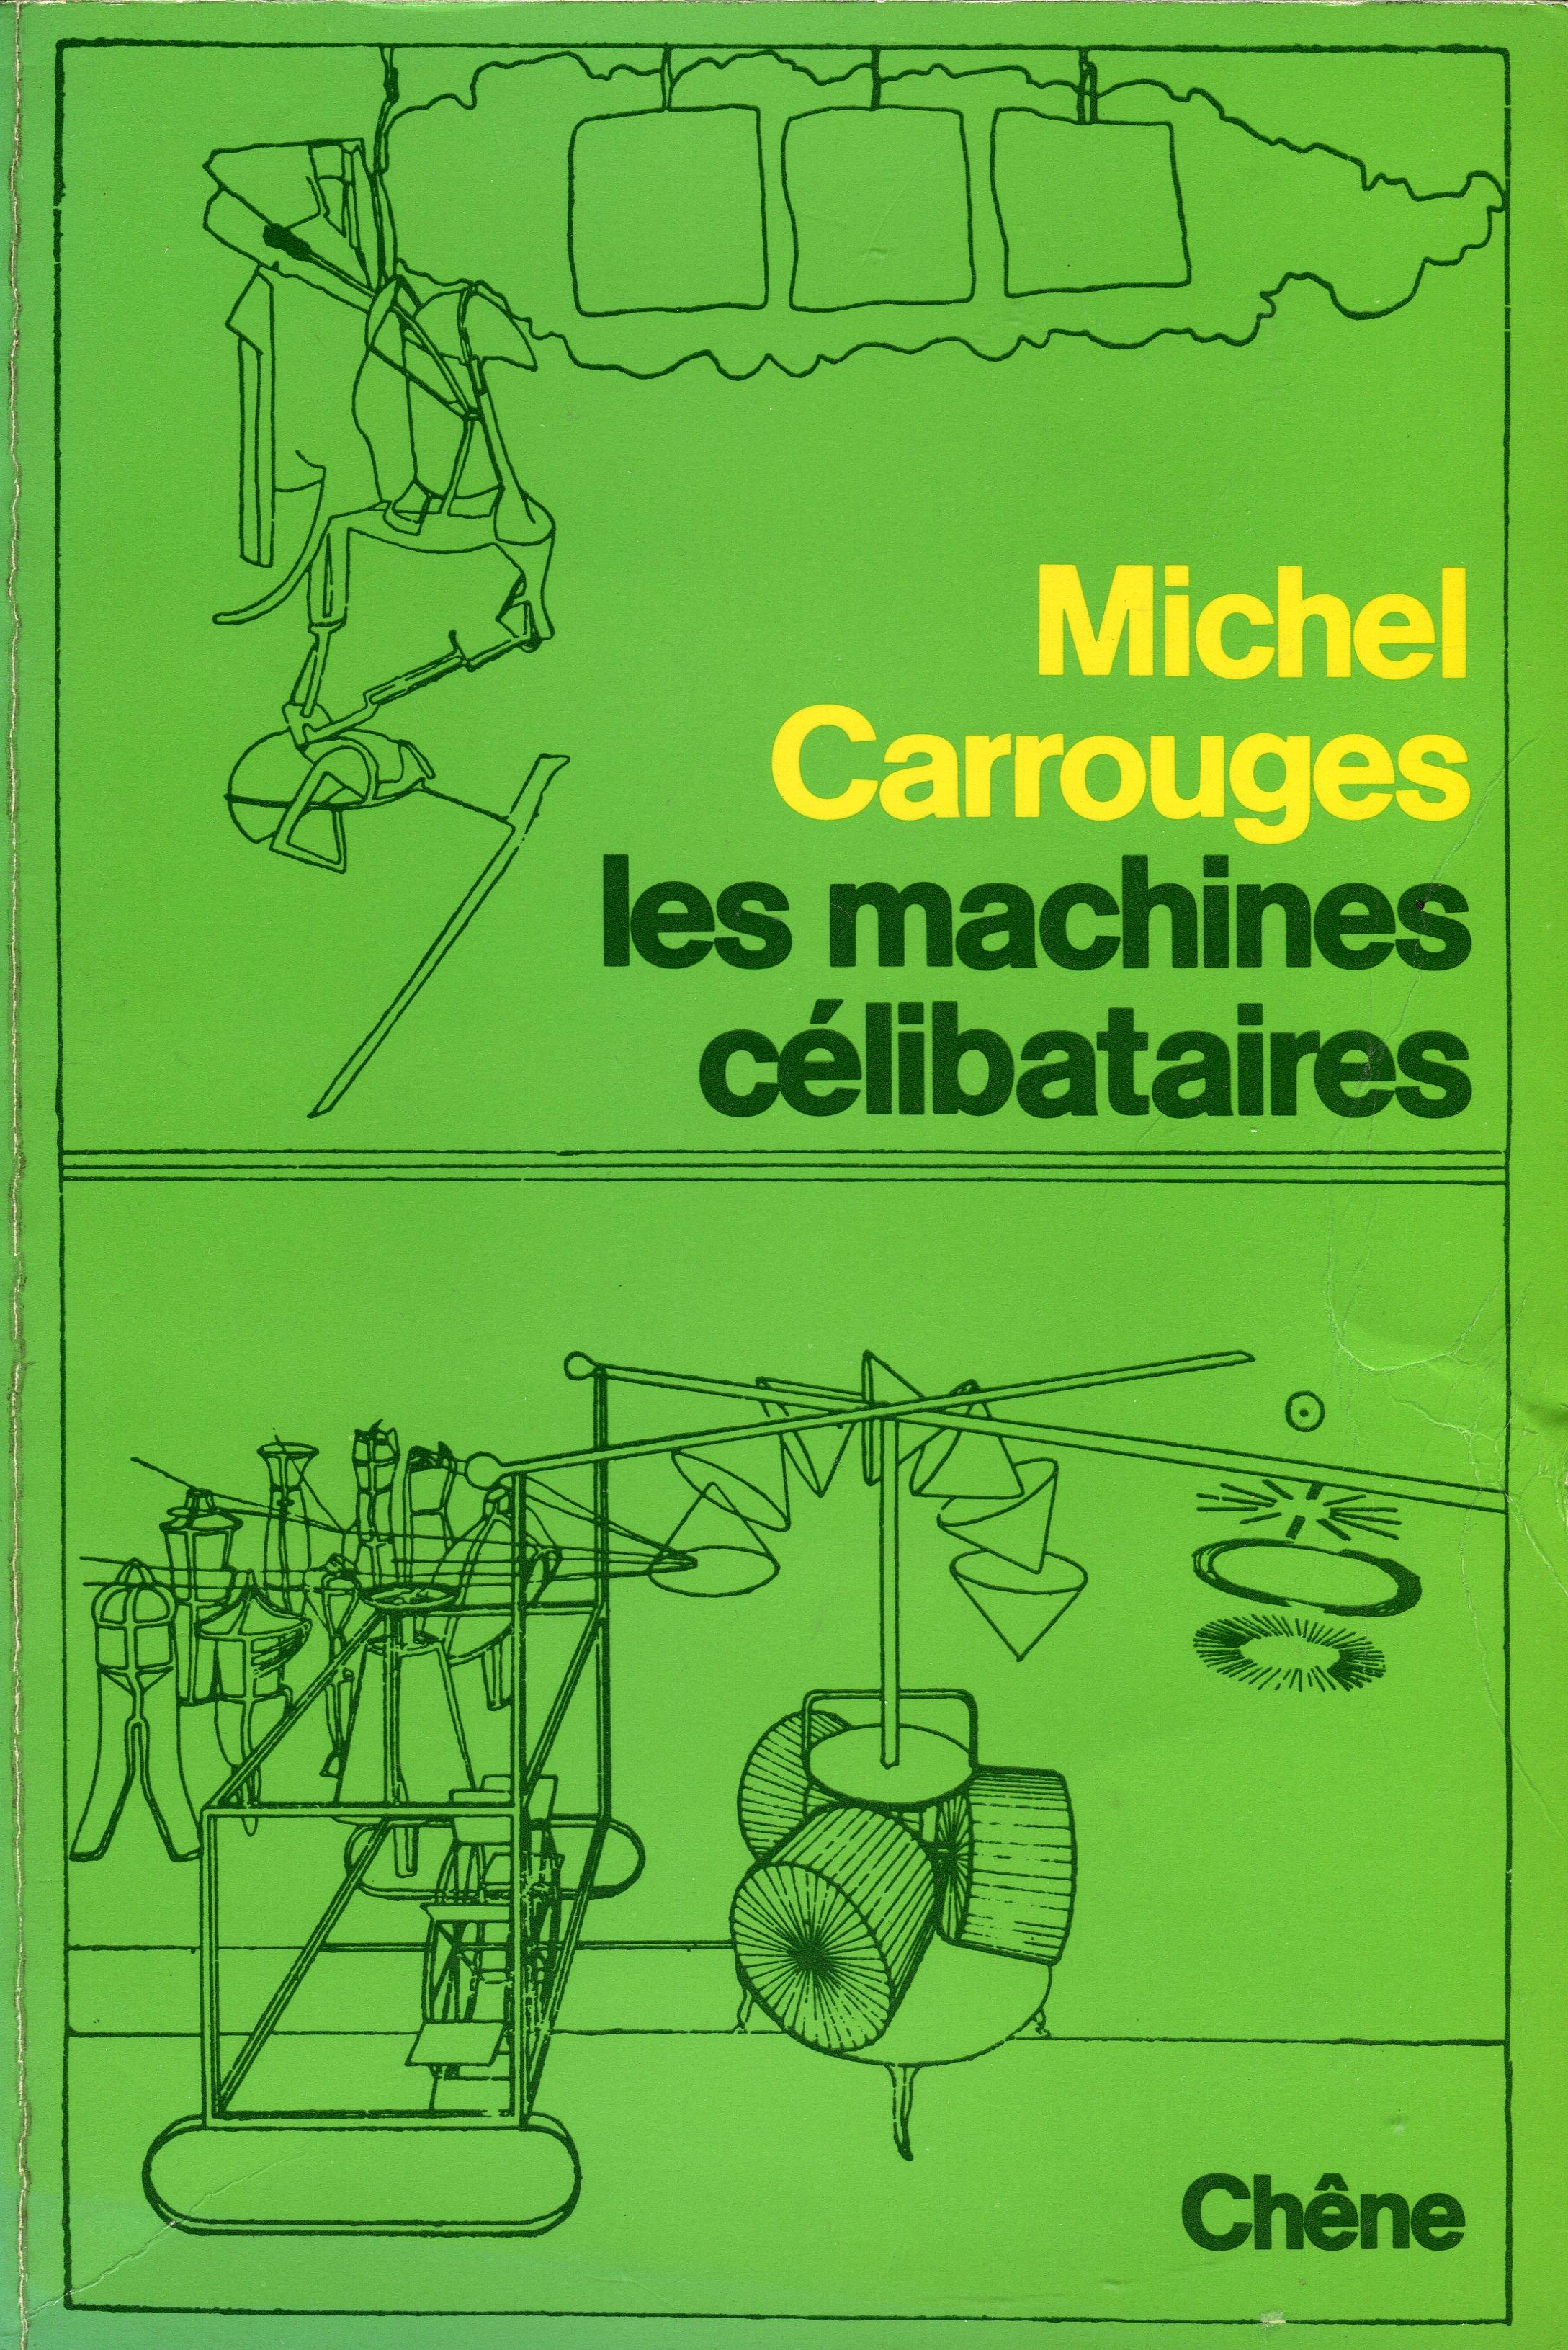 Michel Carrouges 0